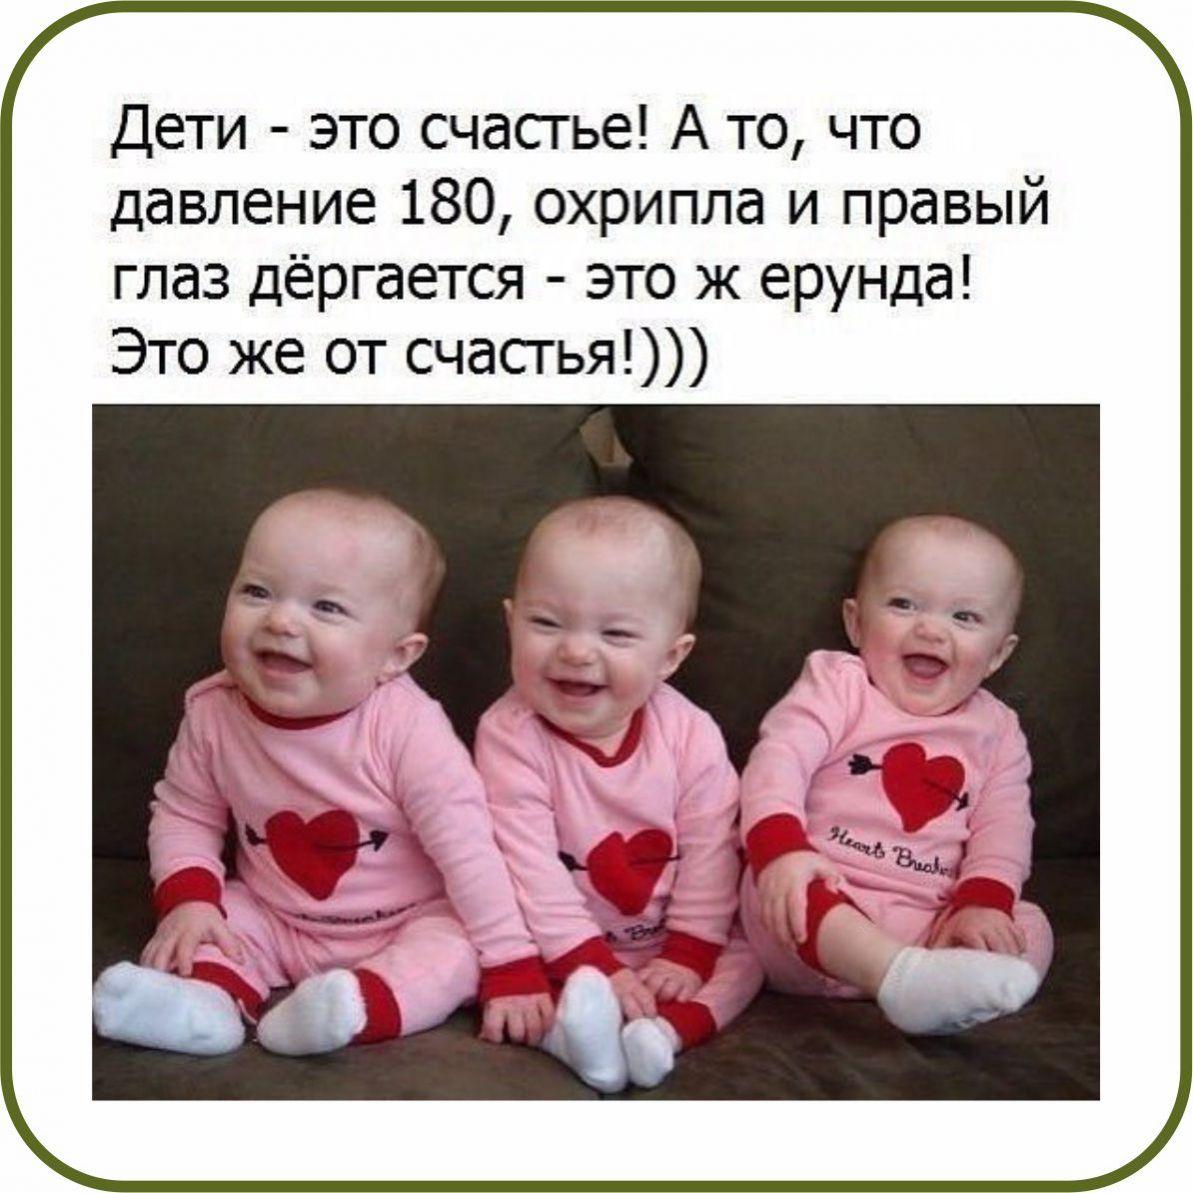 Дети наше счастье картинки с надписями, картинки предательстве стих